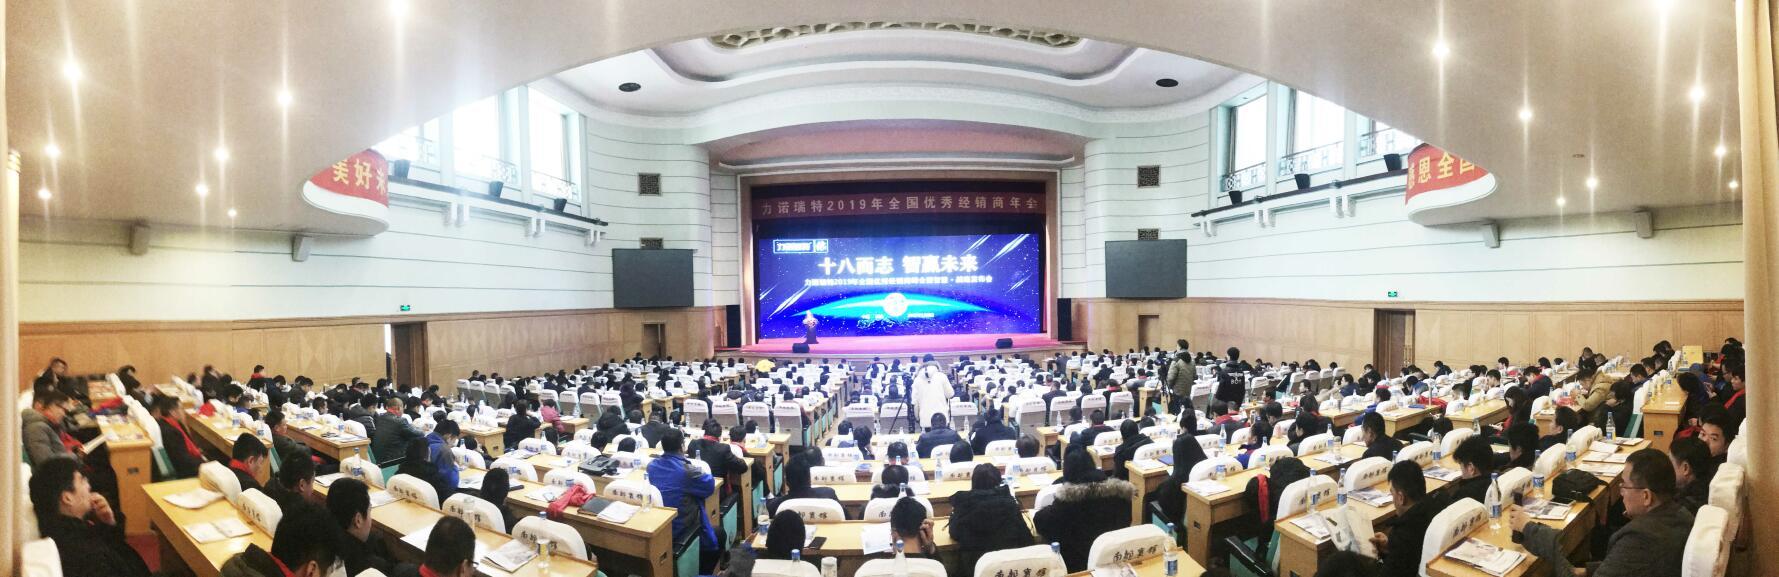 力诺瑞特2019全国优秀经销商峰会盛大举行